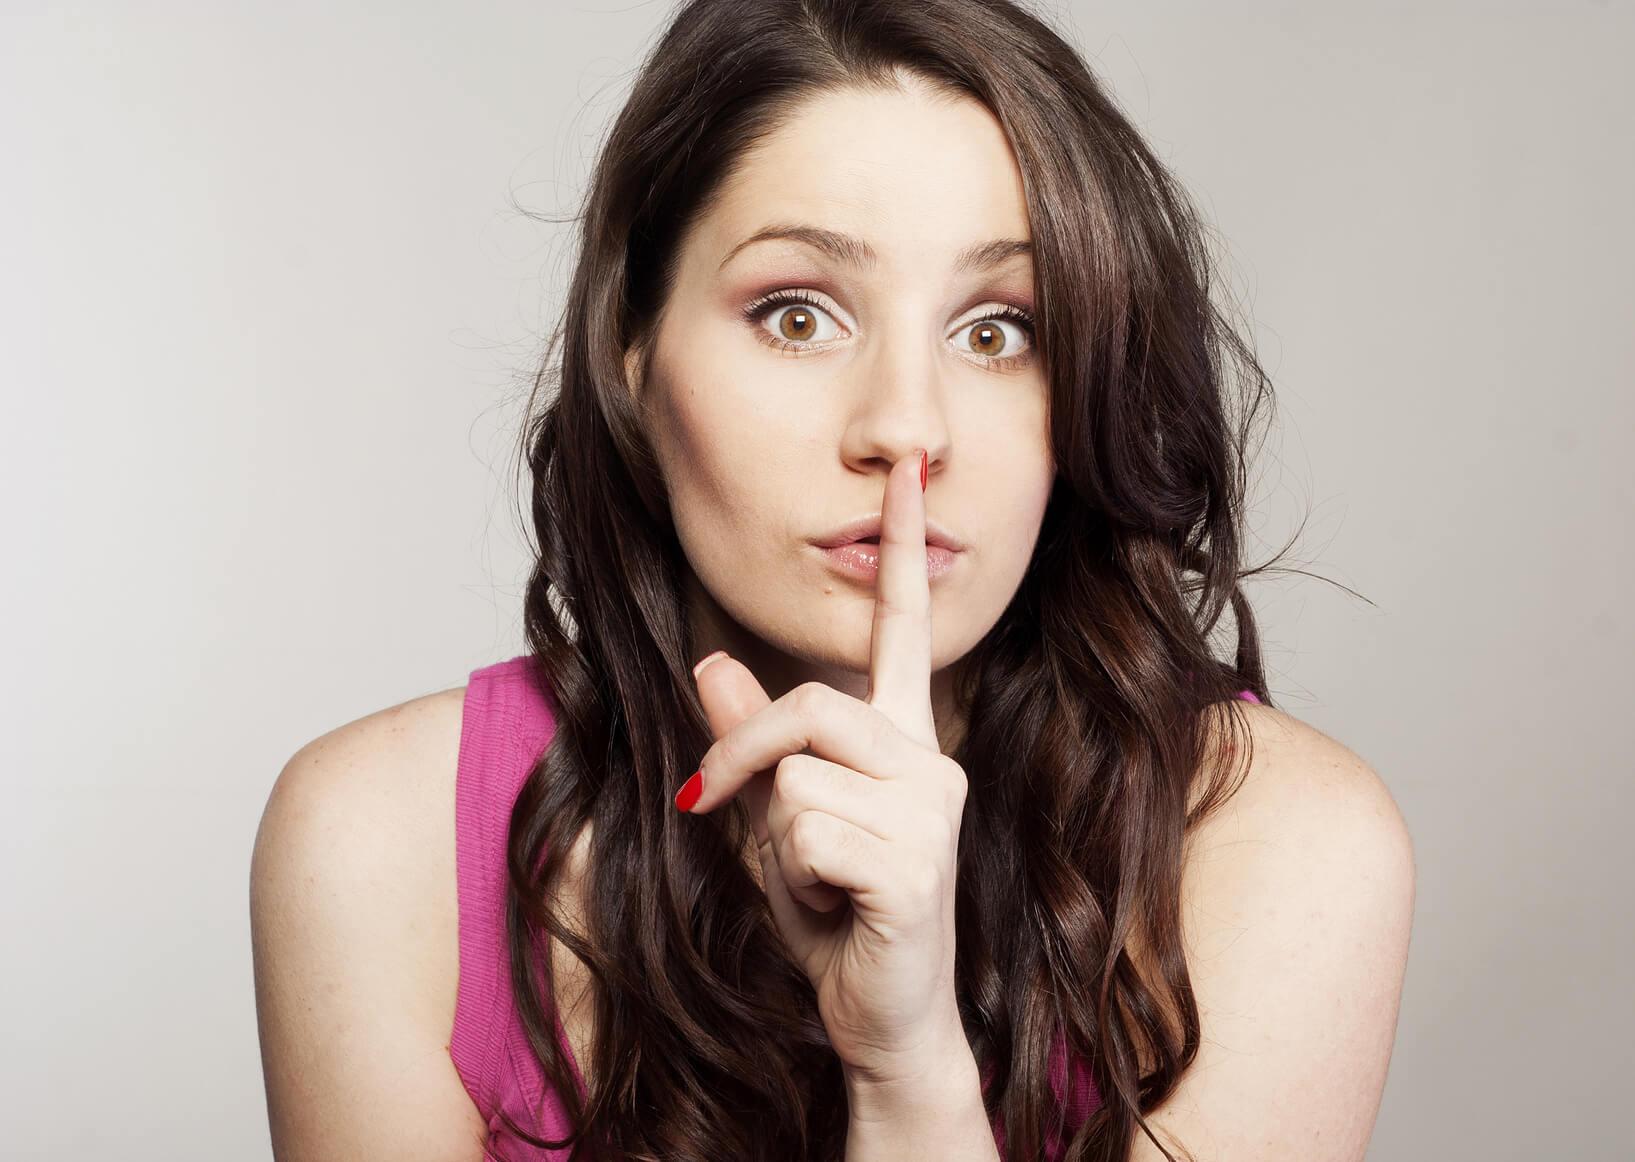 Shh...